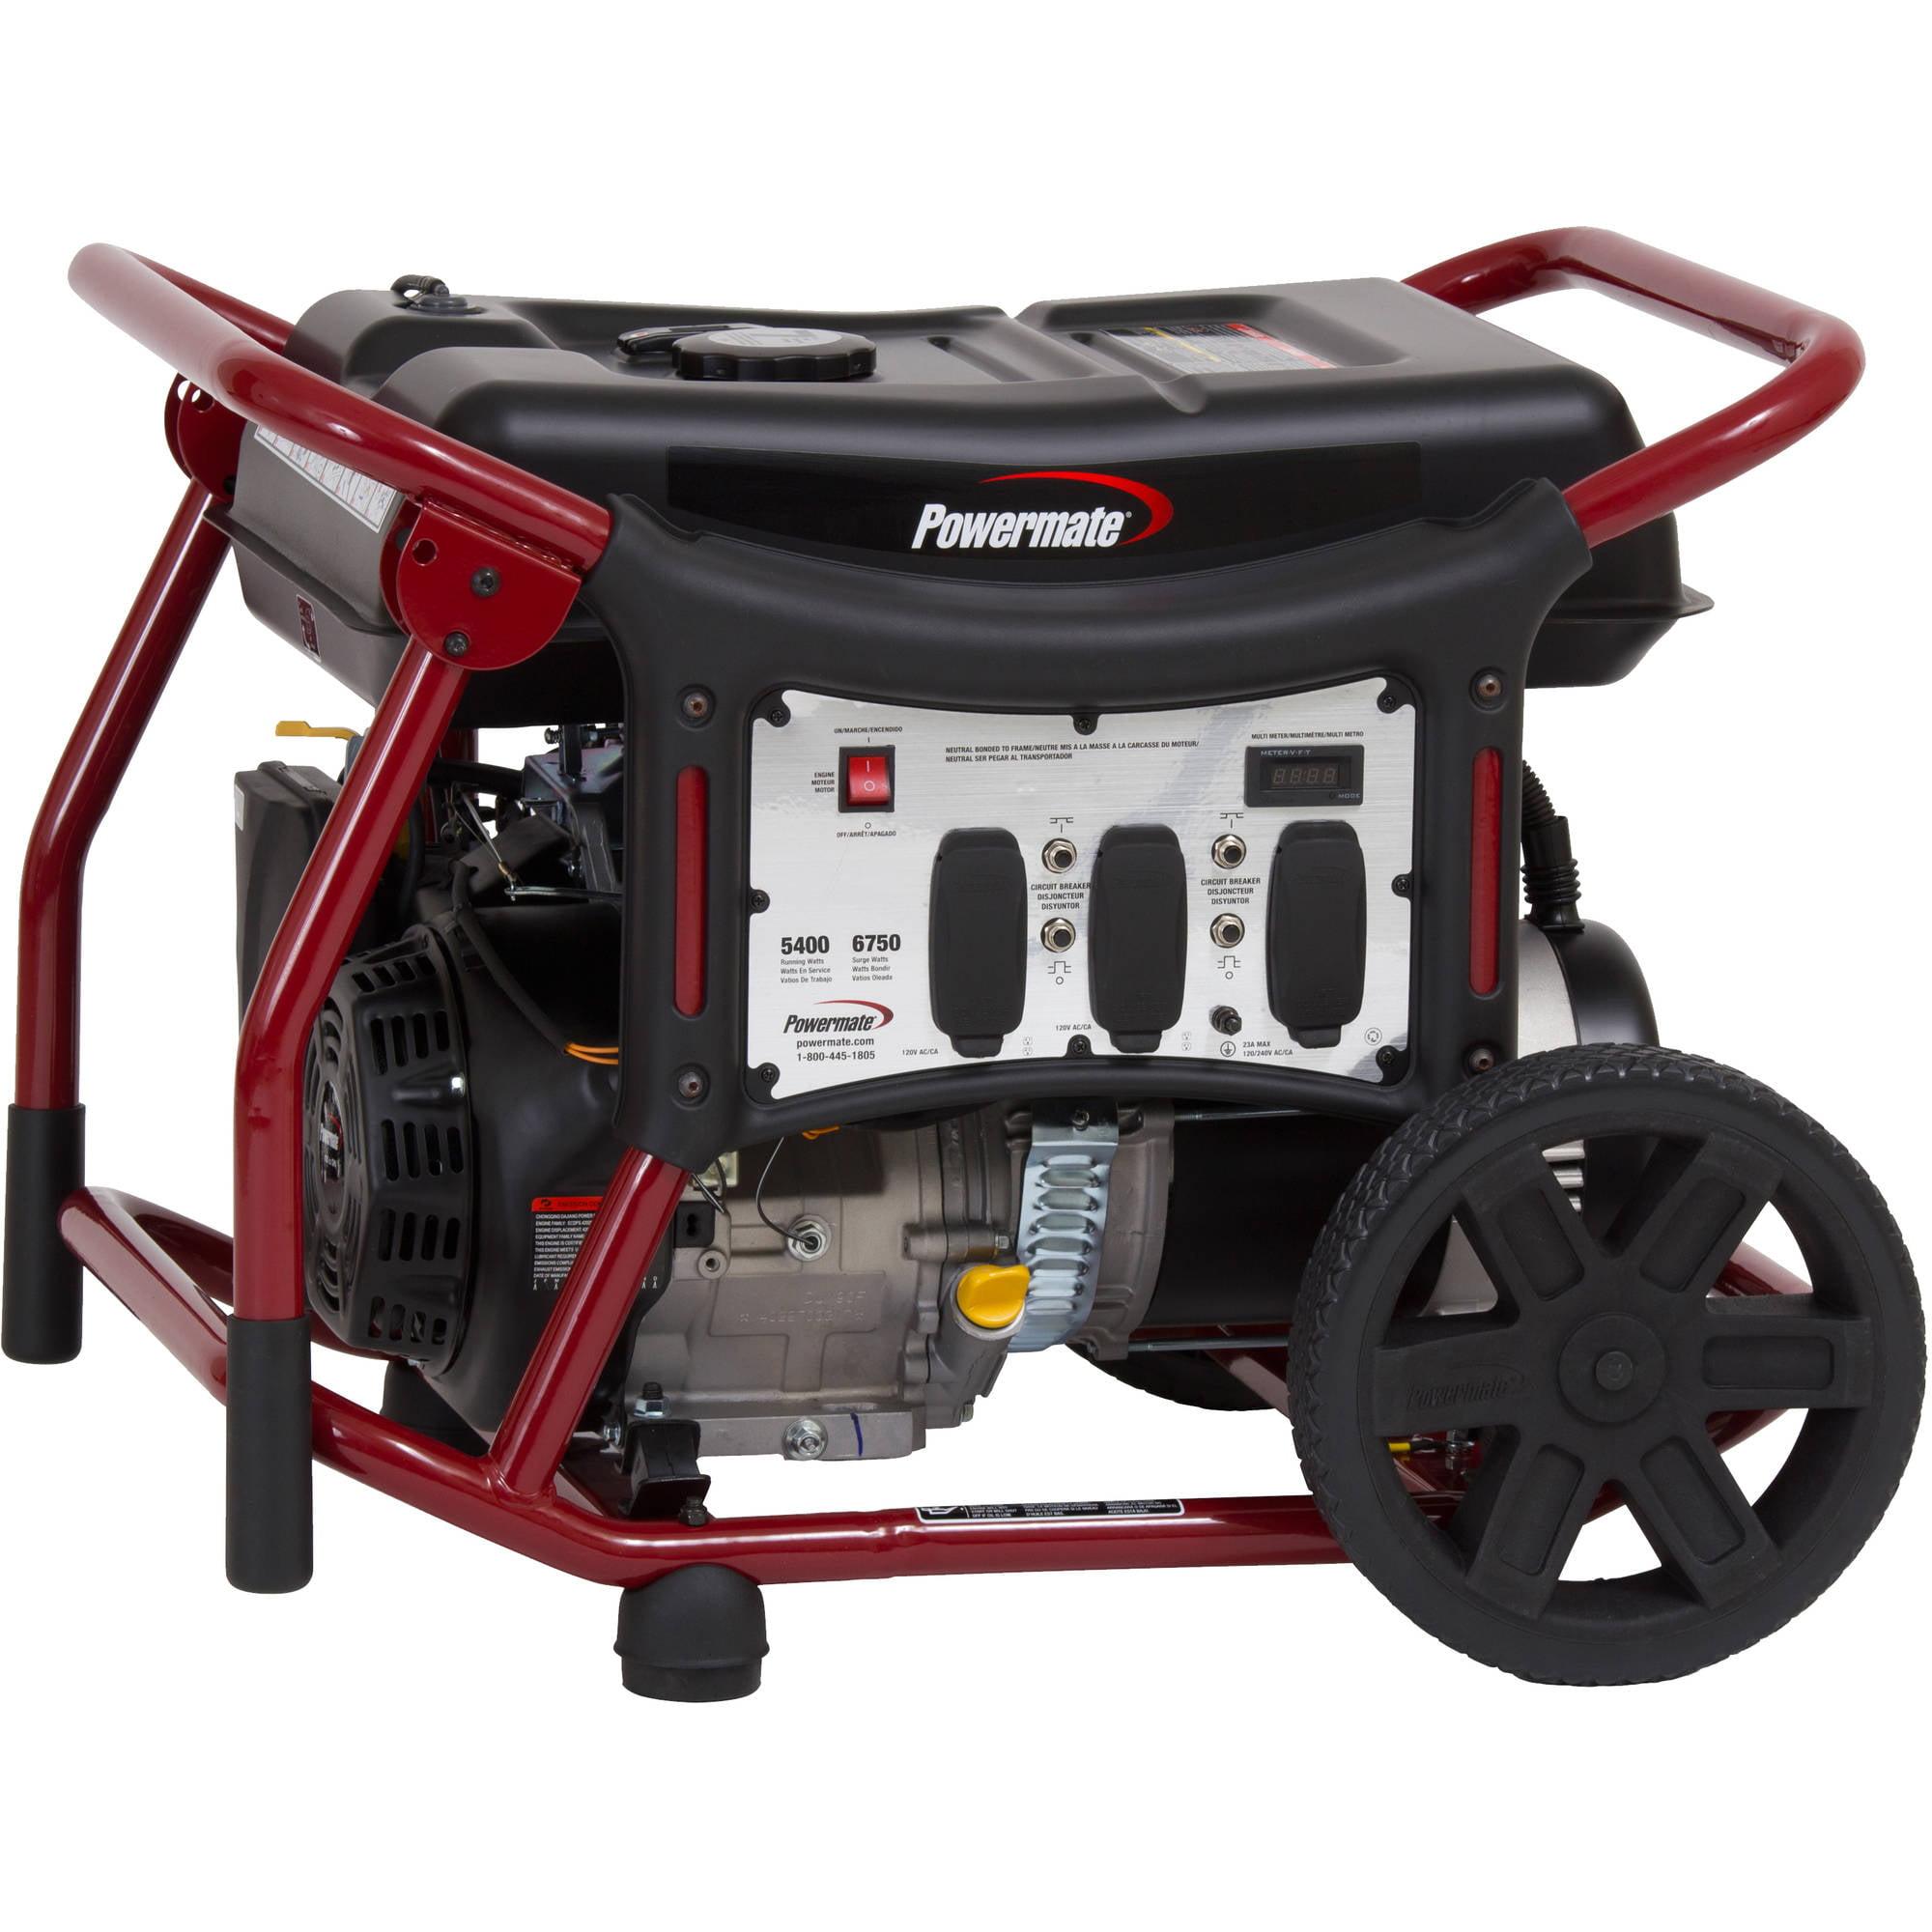 Powermate Wx5400 Portable Generator